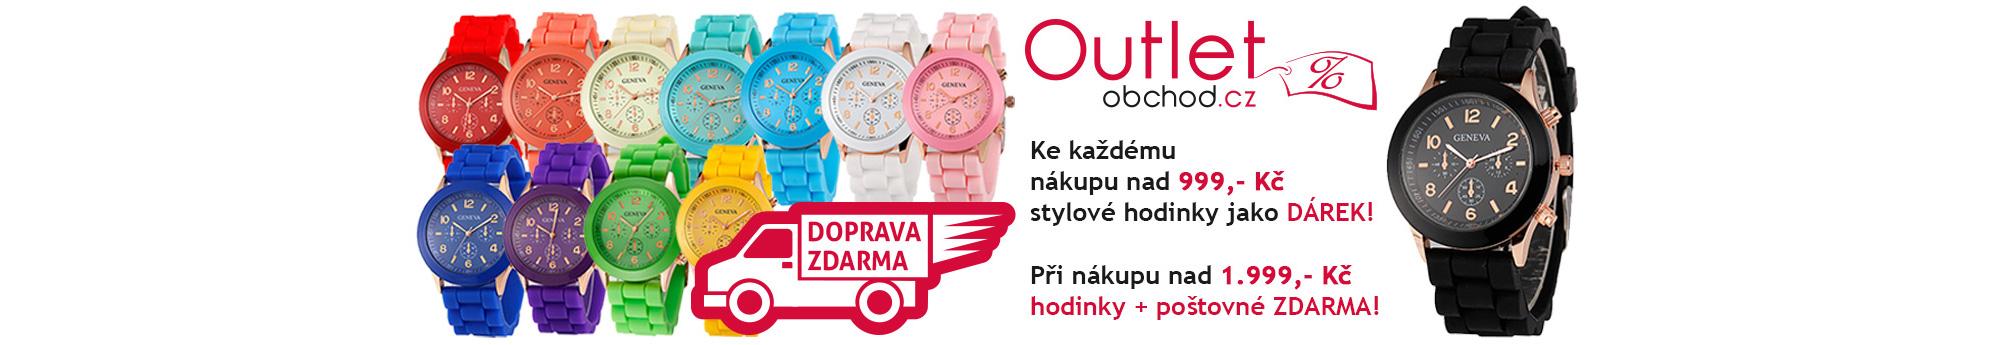 Outletobchod.cz